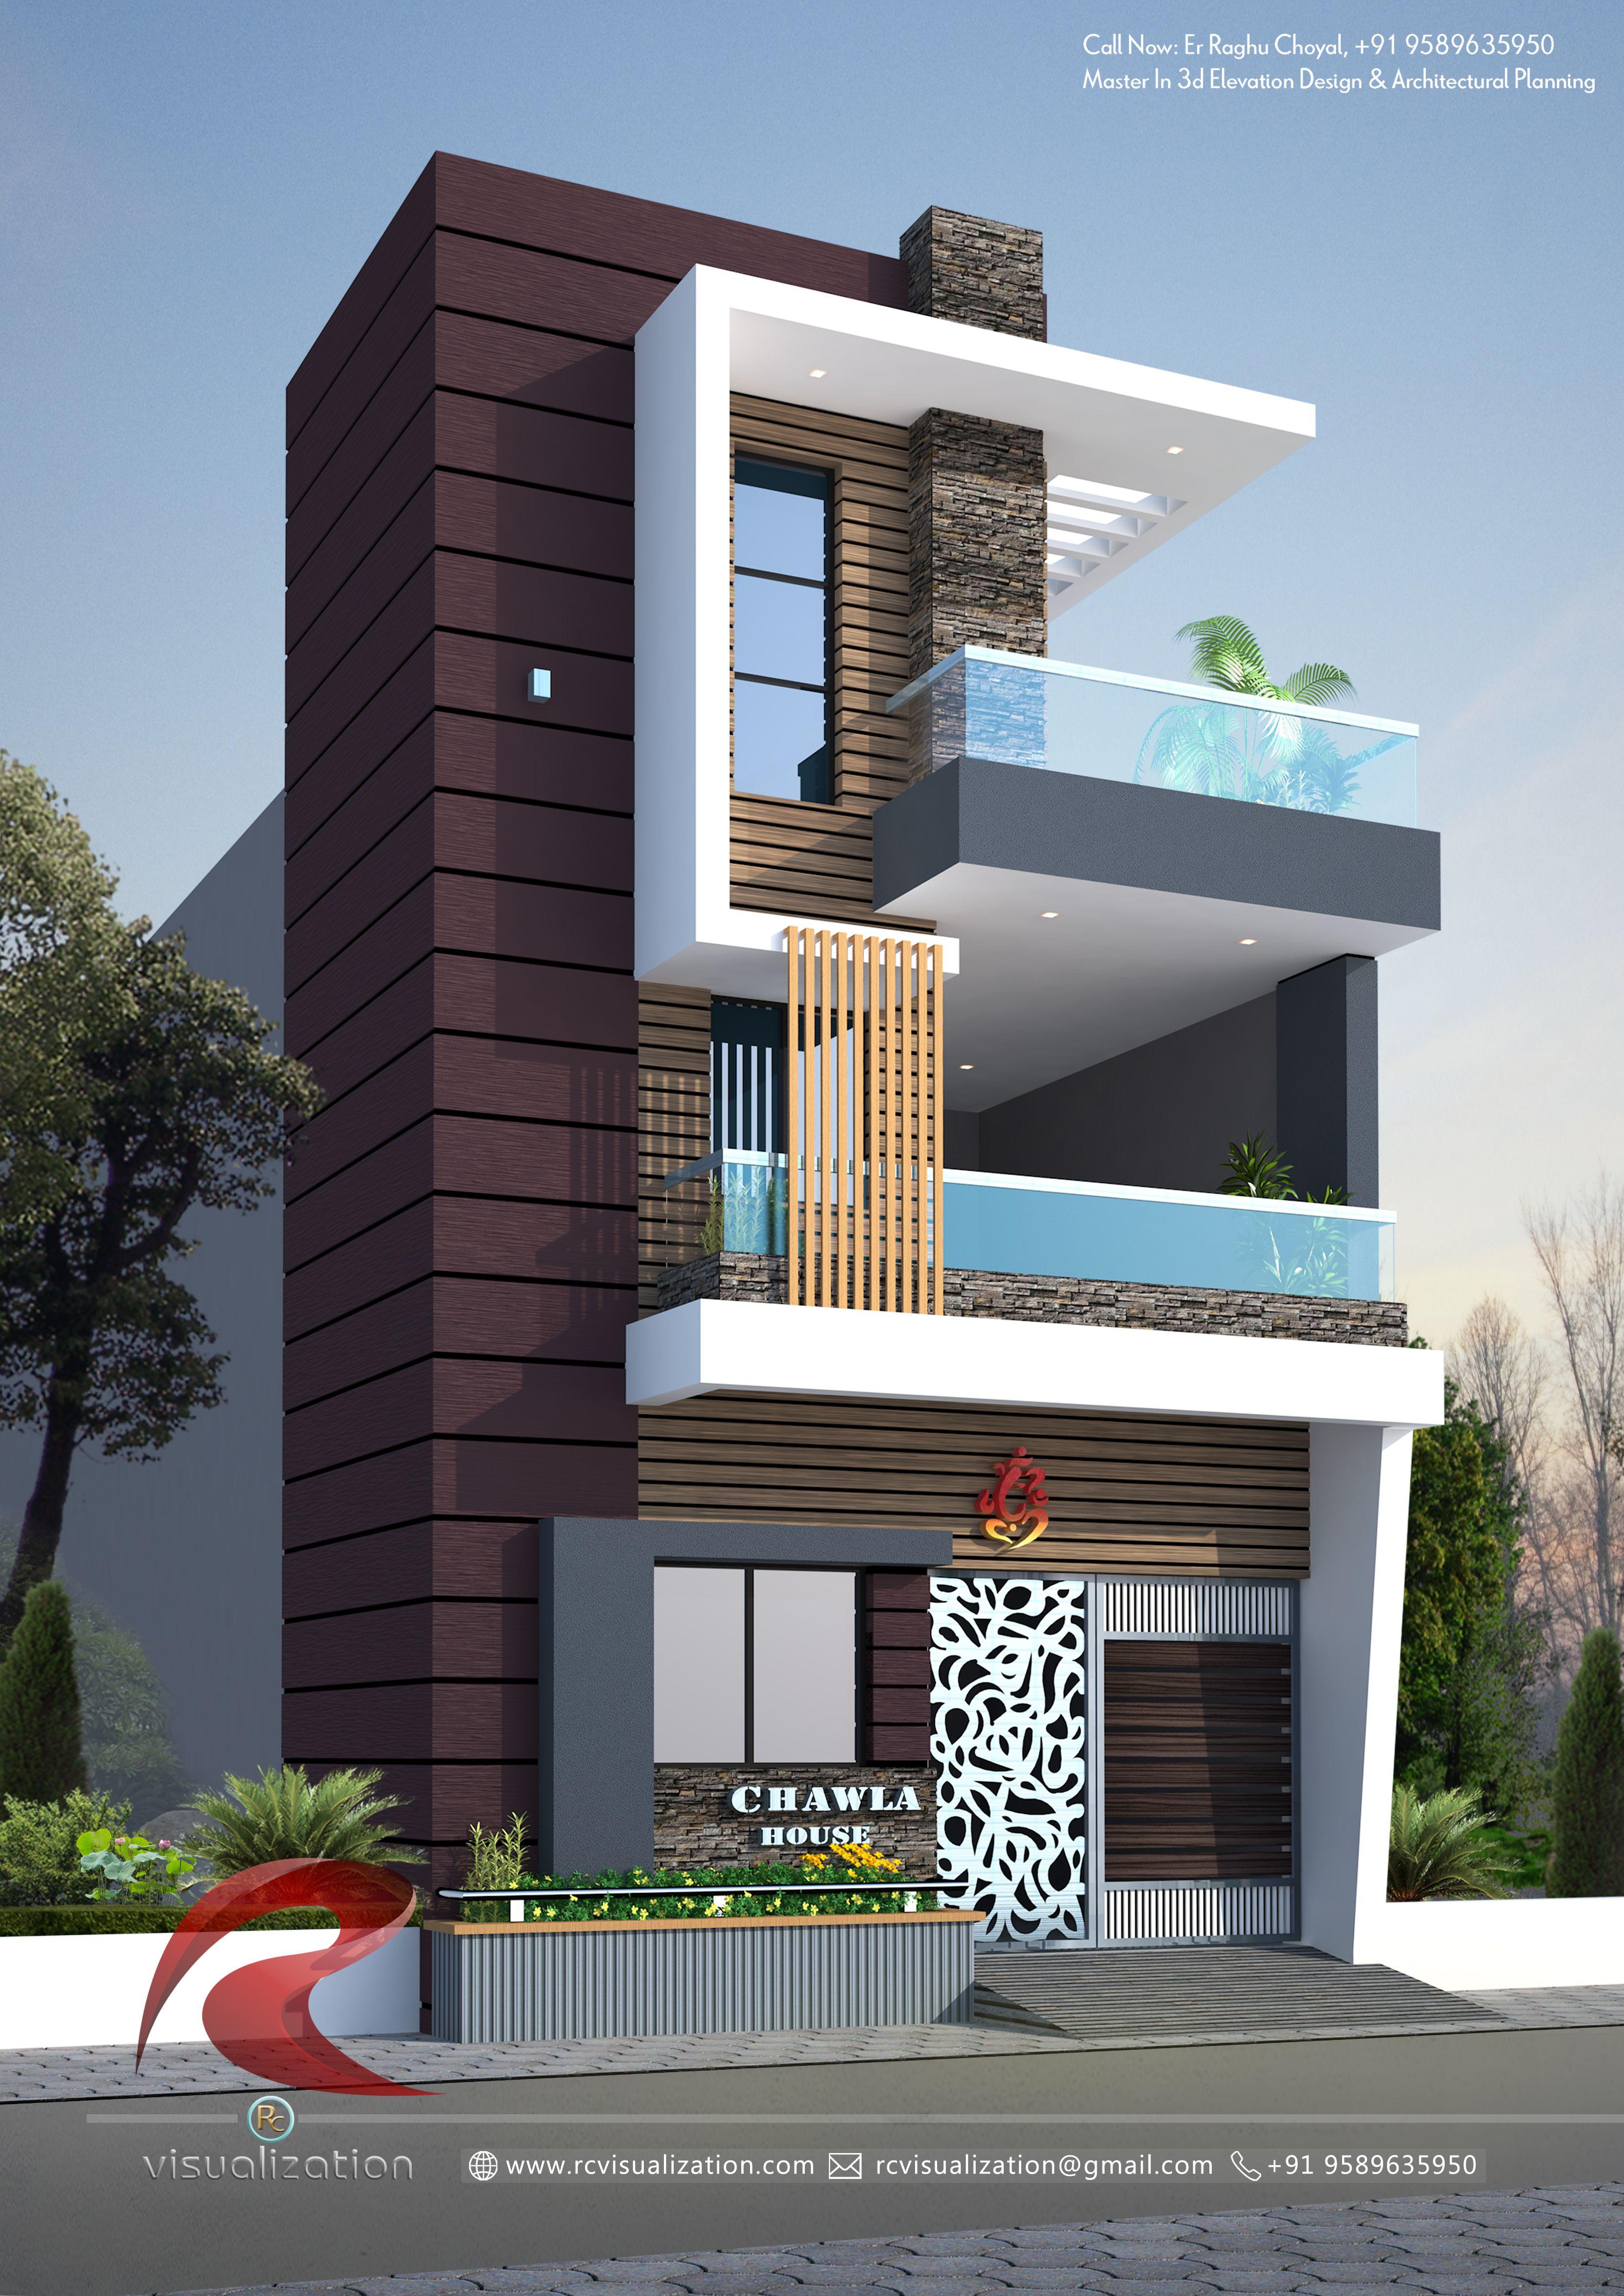 35 Desain Inspiratif Contoh Model Dinding Depan Rumah Minimalis Ala India 1000 Inspirasi Eksterior Rumah Modern Desain Rumah Satu Lantai Desain Rumah Desa